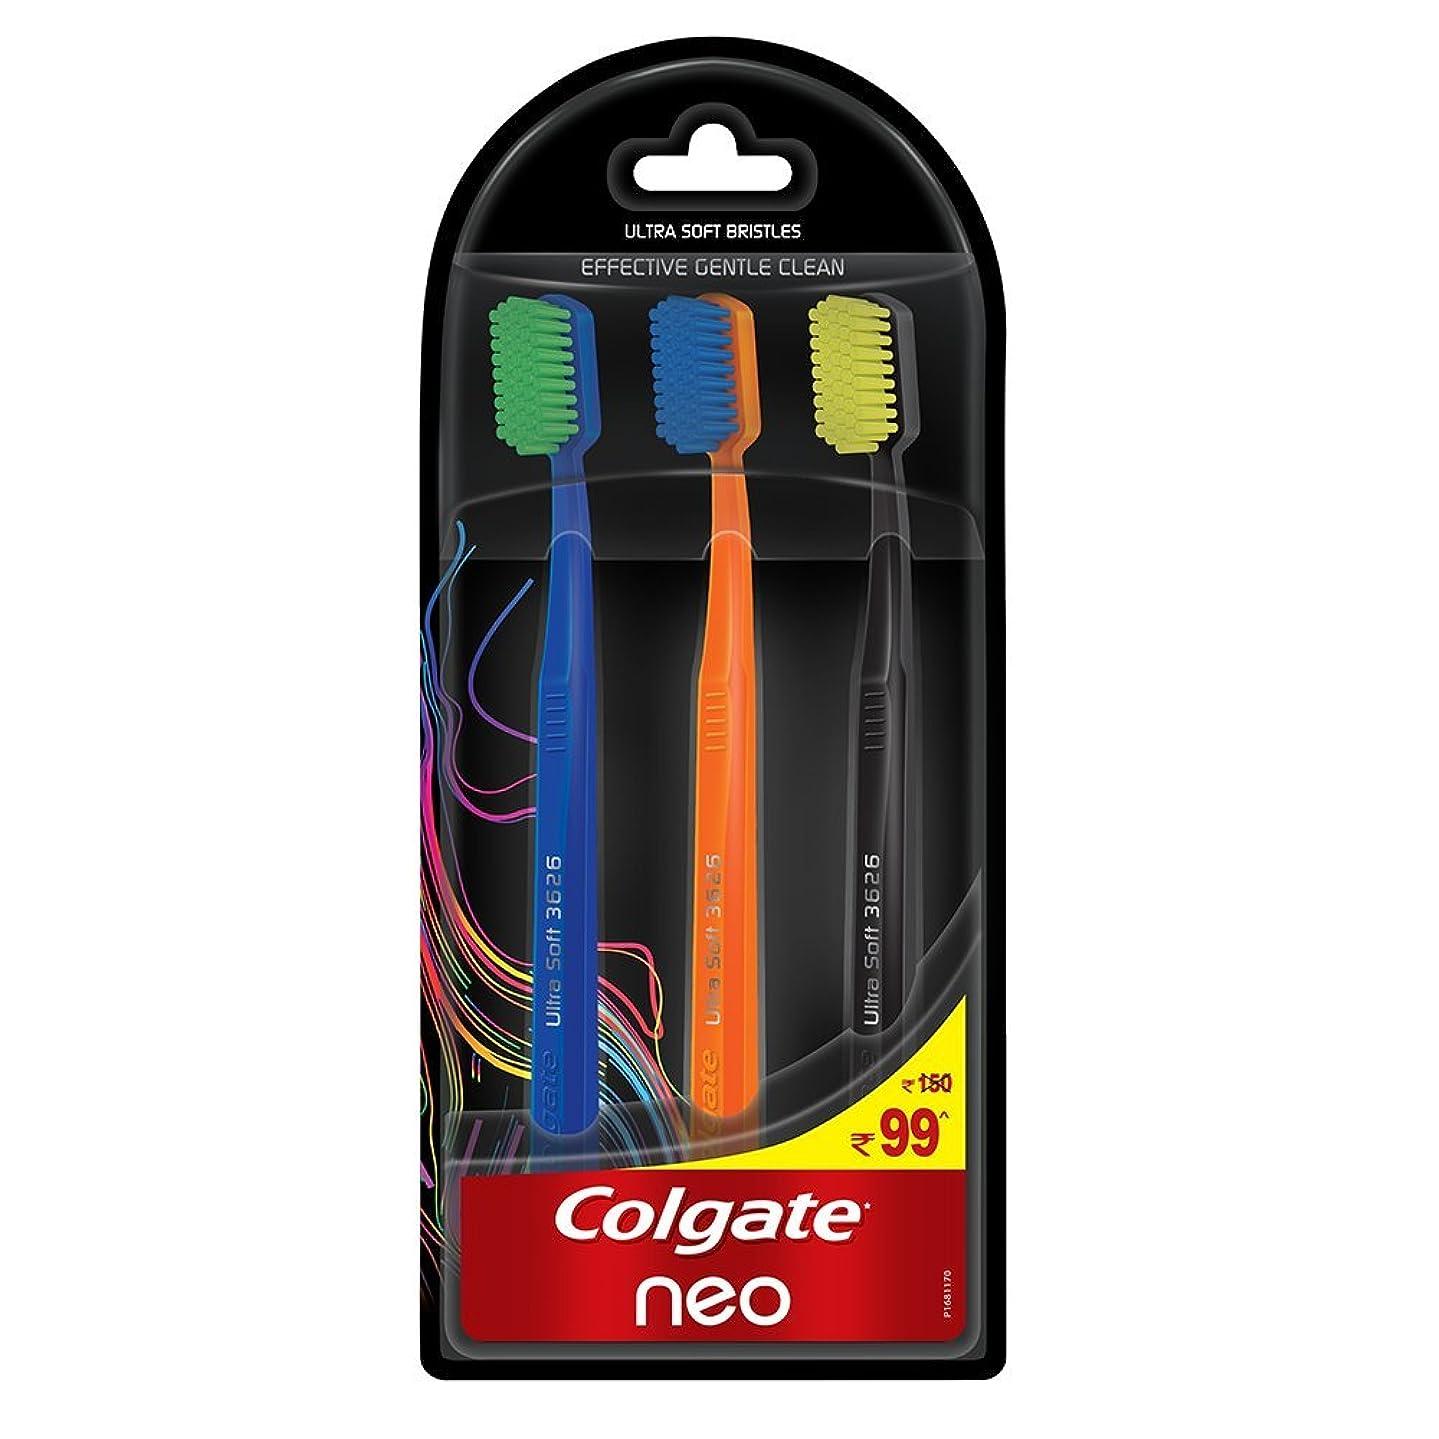 ゴネリル食品泣いているColgate Neo Toothbrush Effective Gentle Clean